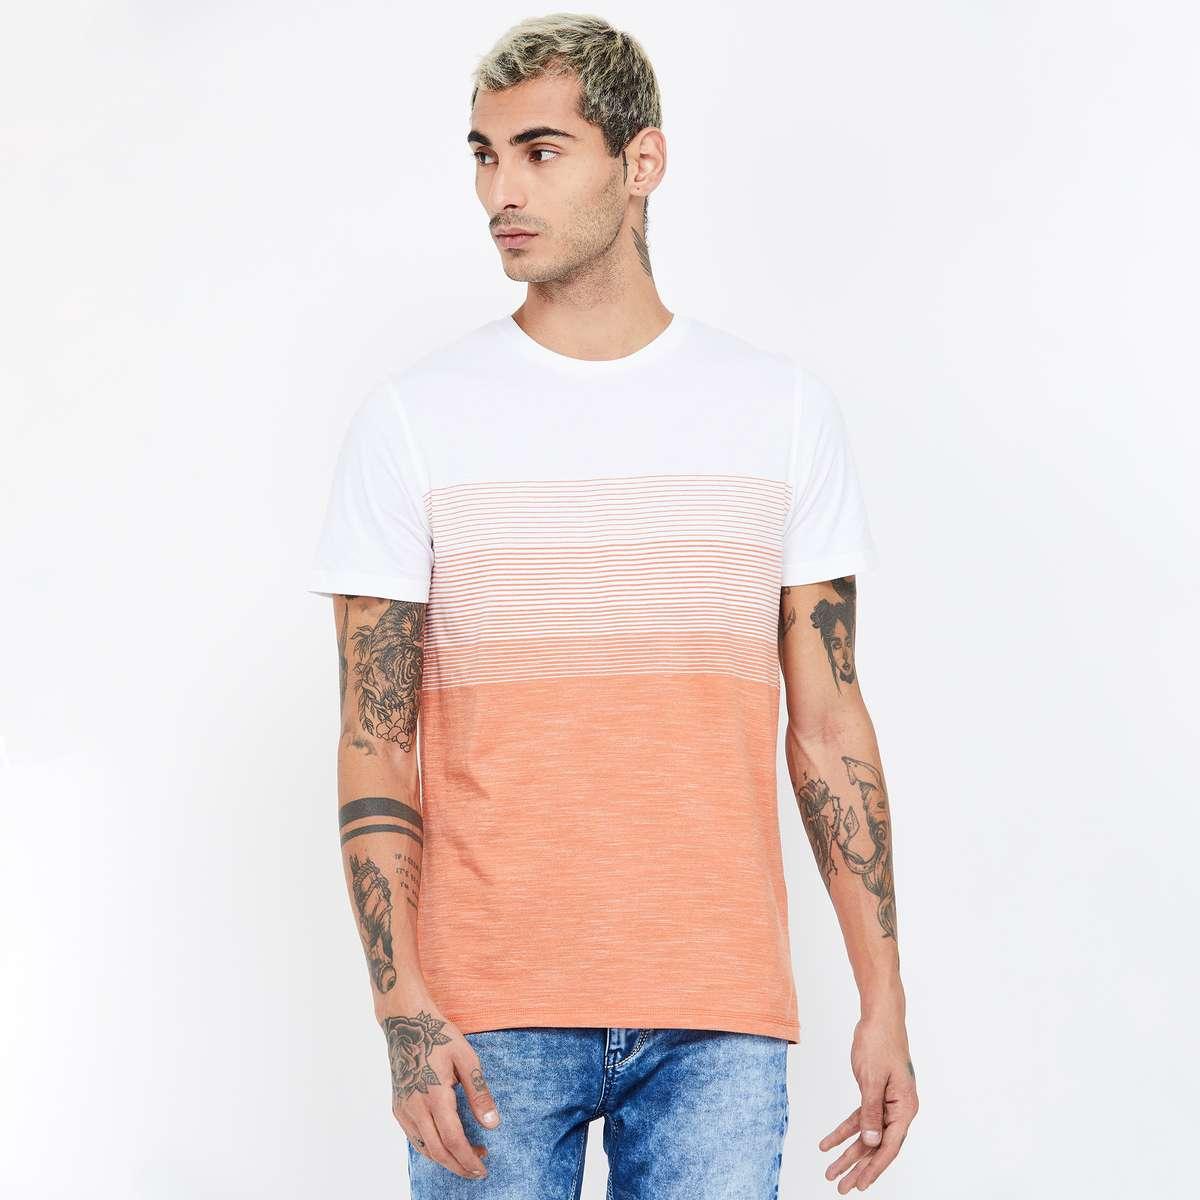 8.CELIO Colourblocked Slim Fit Crew Neck T-shirt